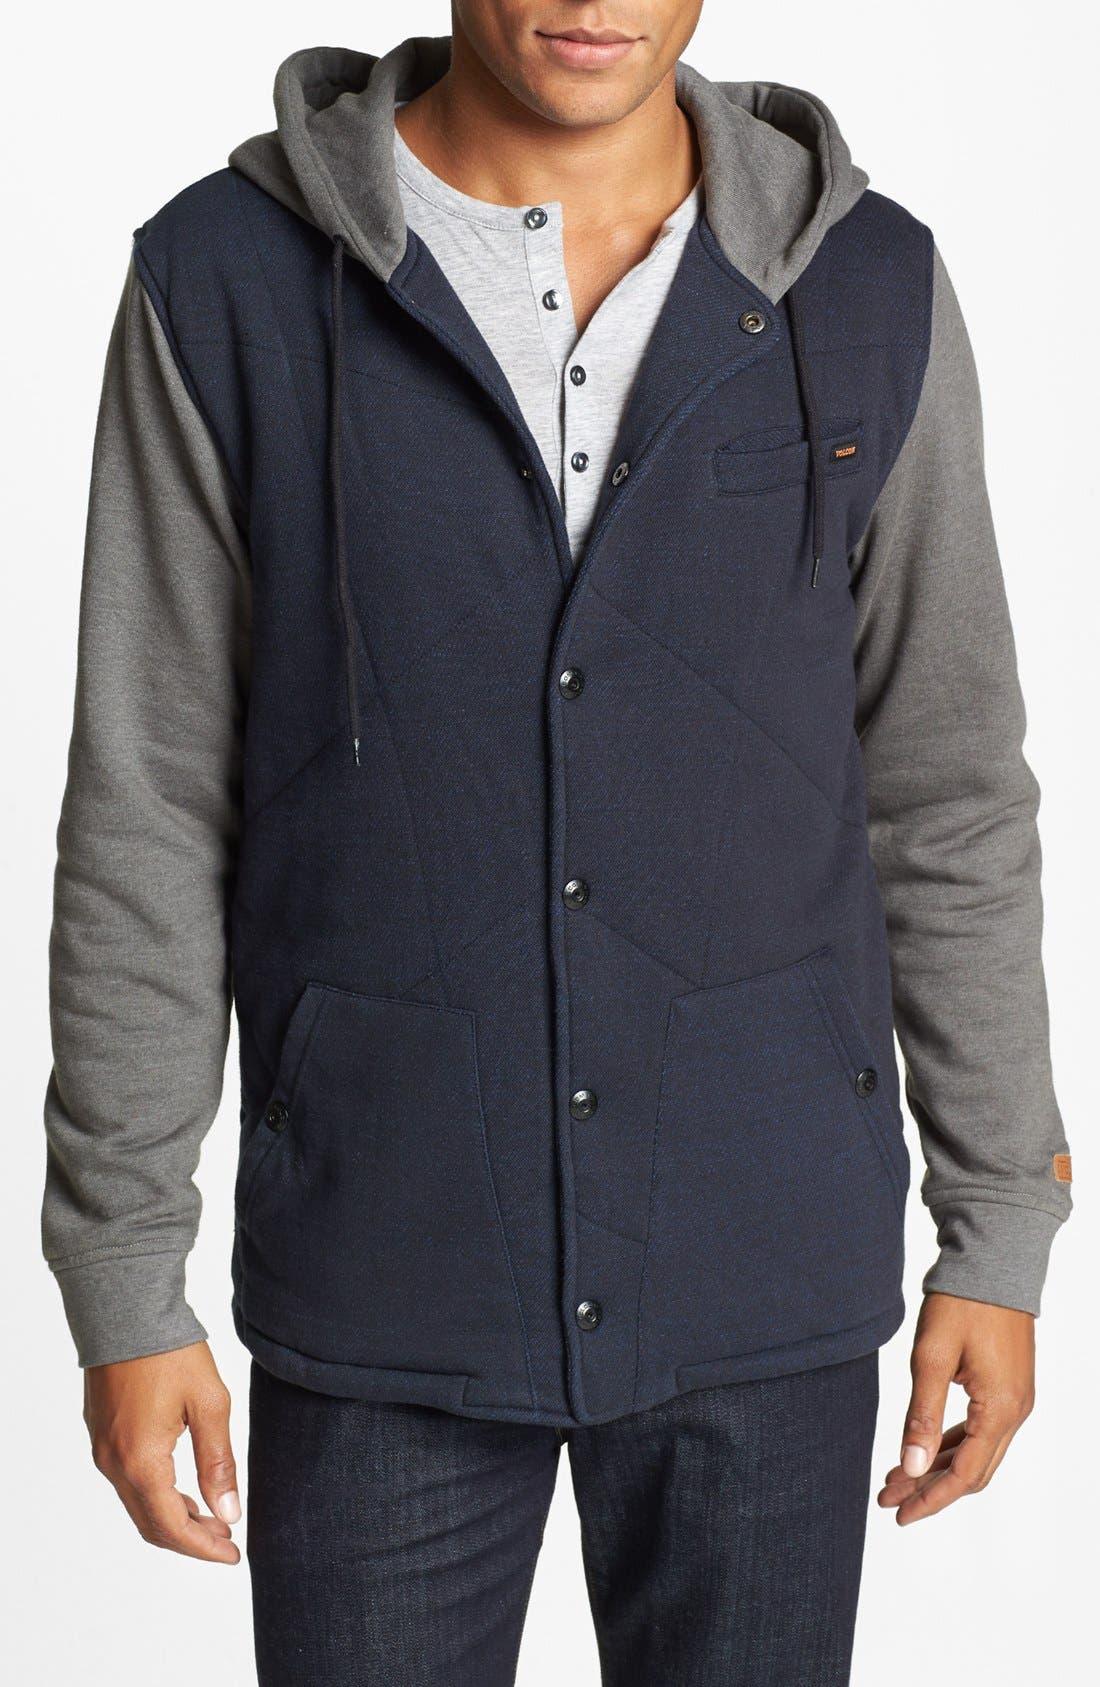 Alternate Image 1 Selected - Volcom 'Barett' Quilted Jacket